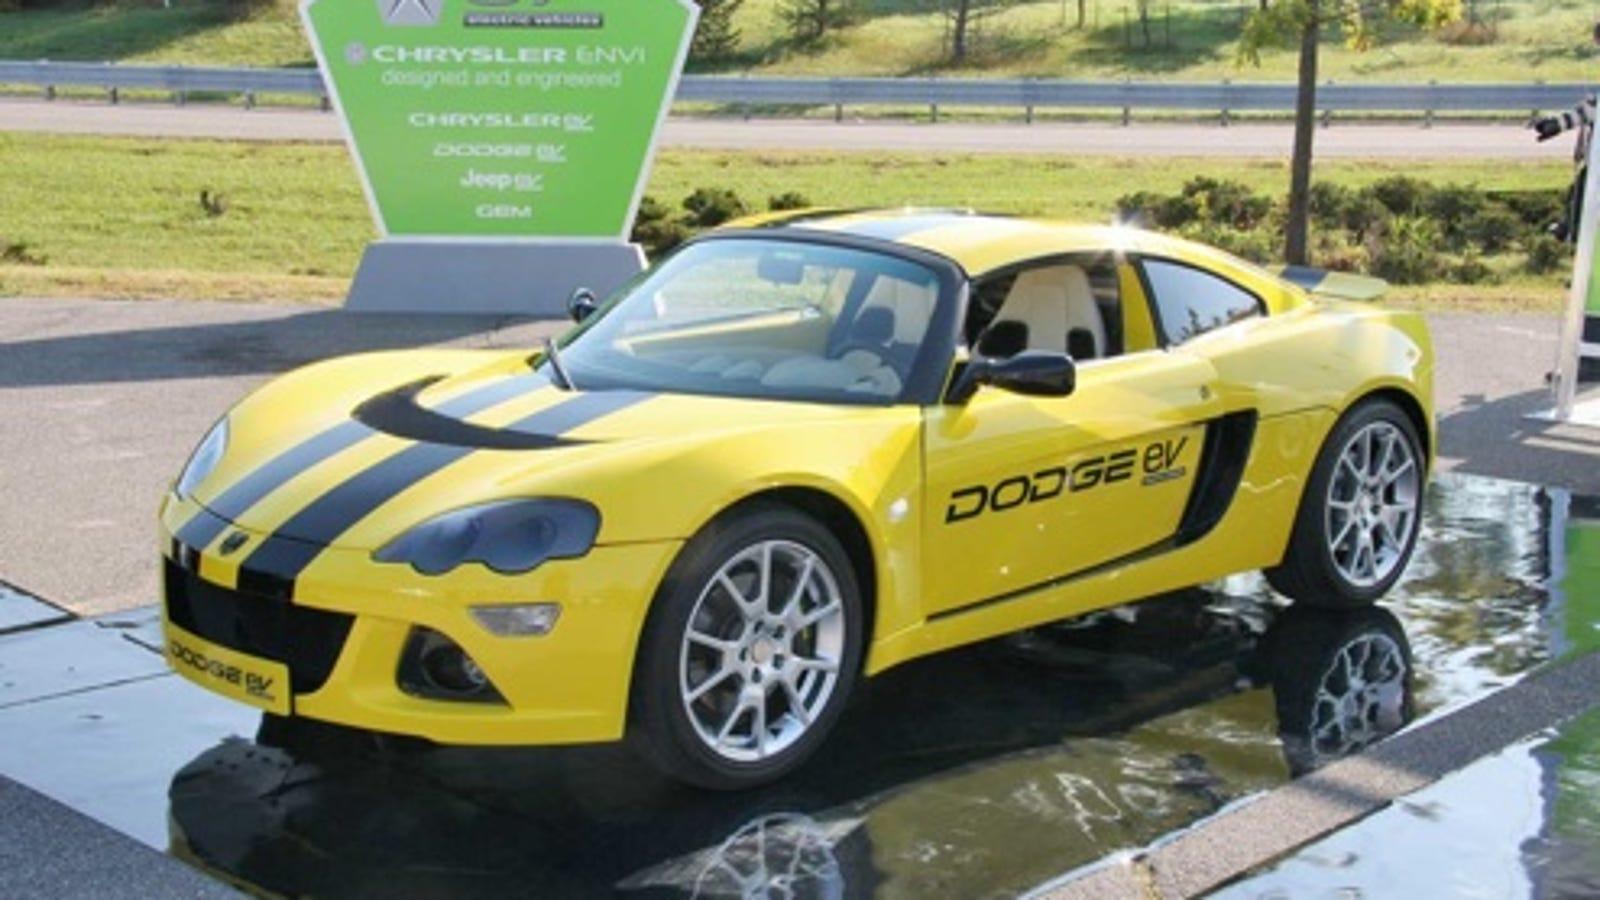 chrysler unveils dodge ev  tesla   electric sports car